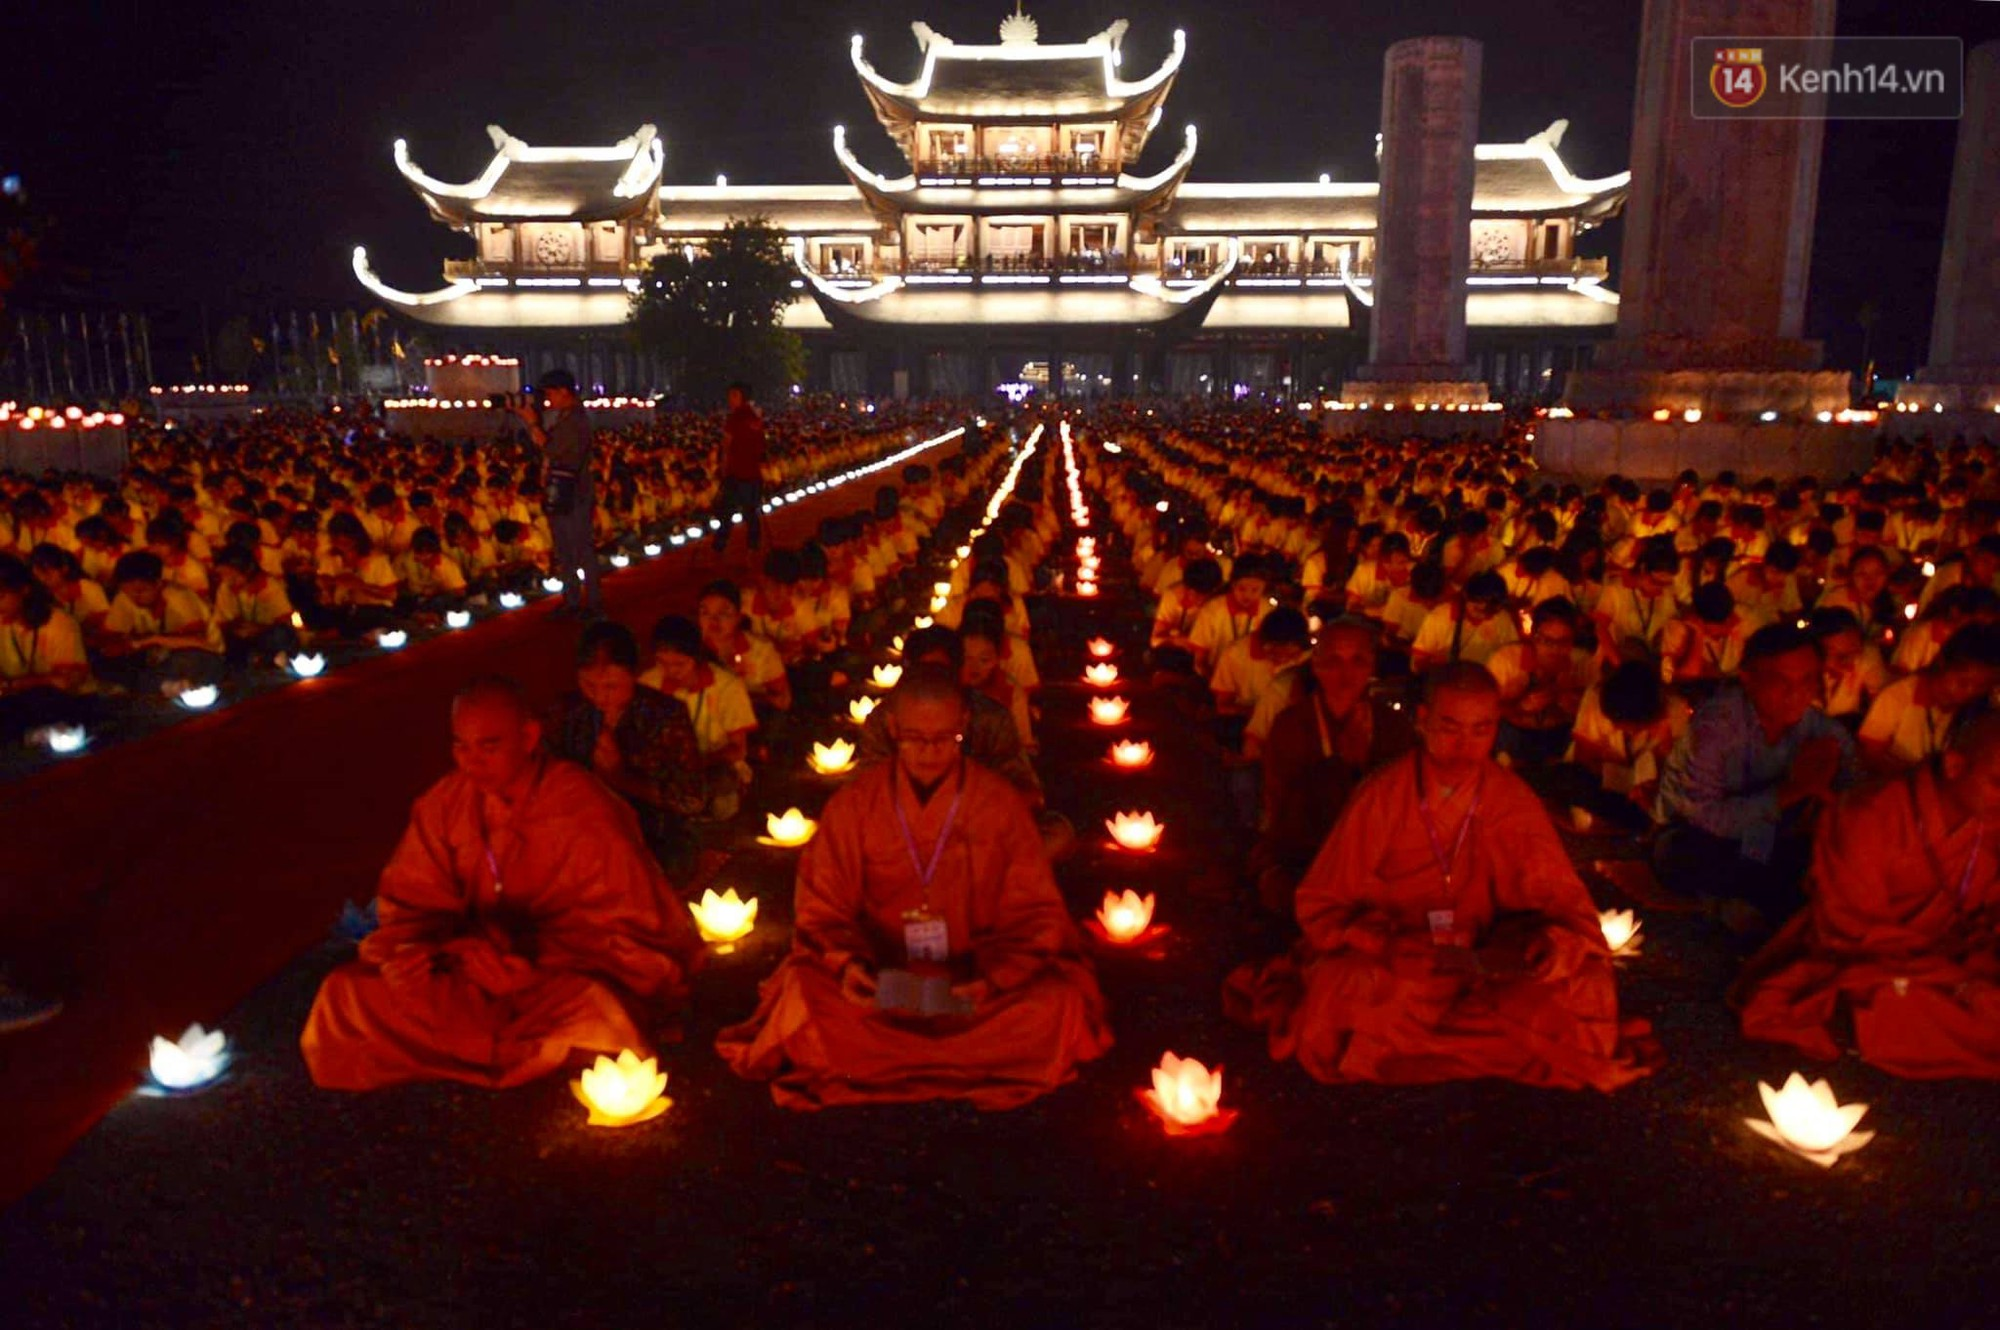 Hàng vạn người tham gia buổi lễ cầu nguyện hoà bình và hoa đăng tại chùa Tam Chúc - Ảnh 9.